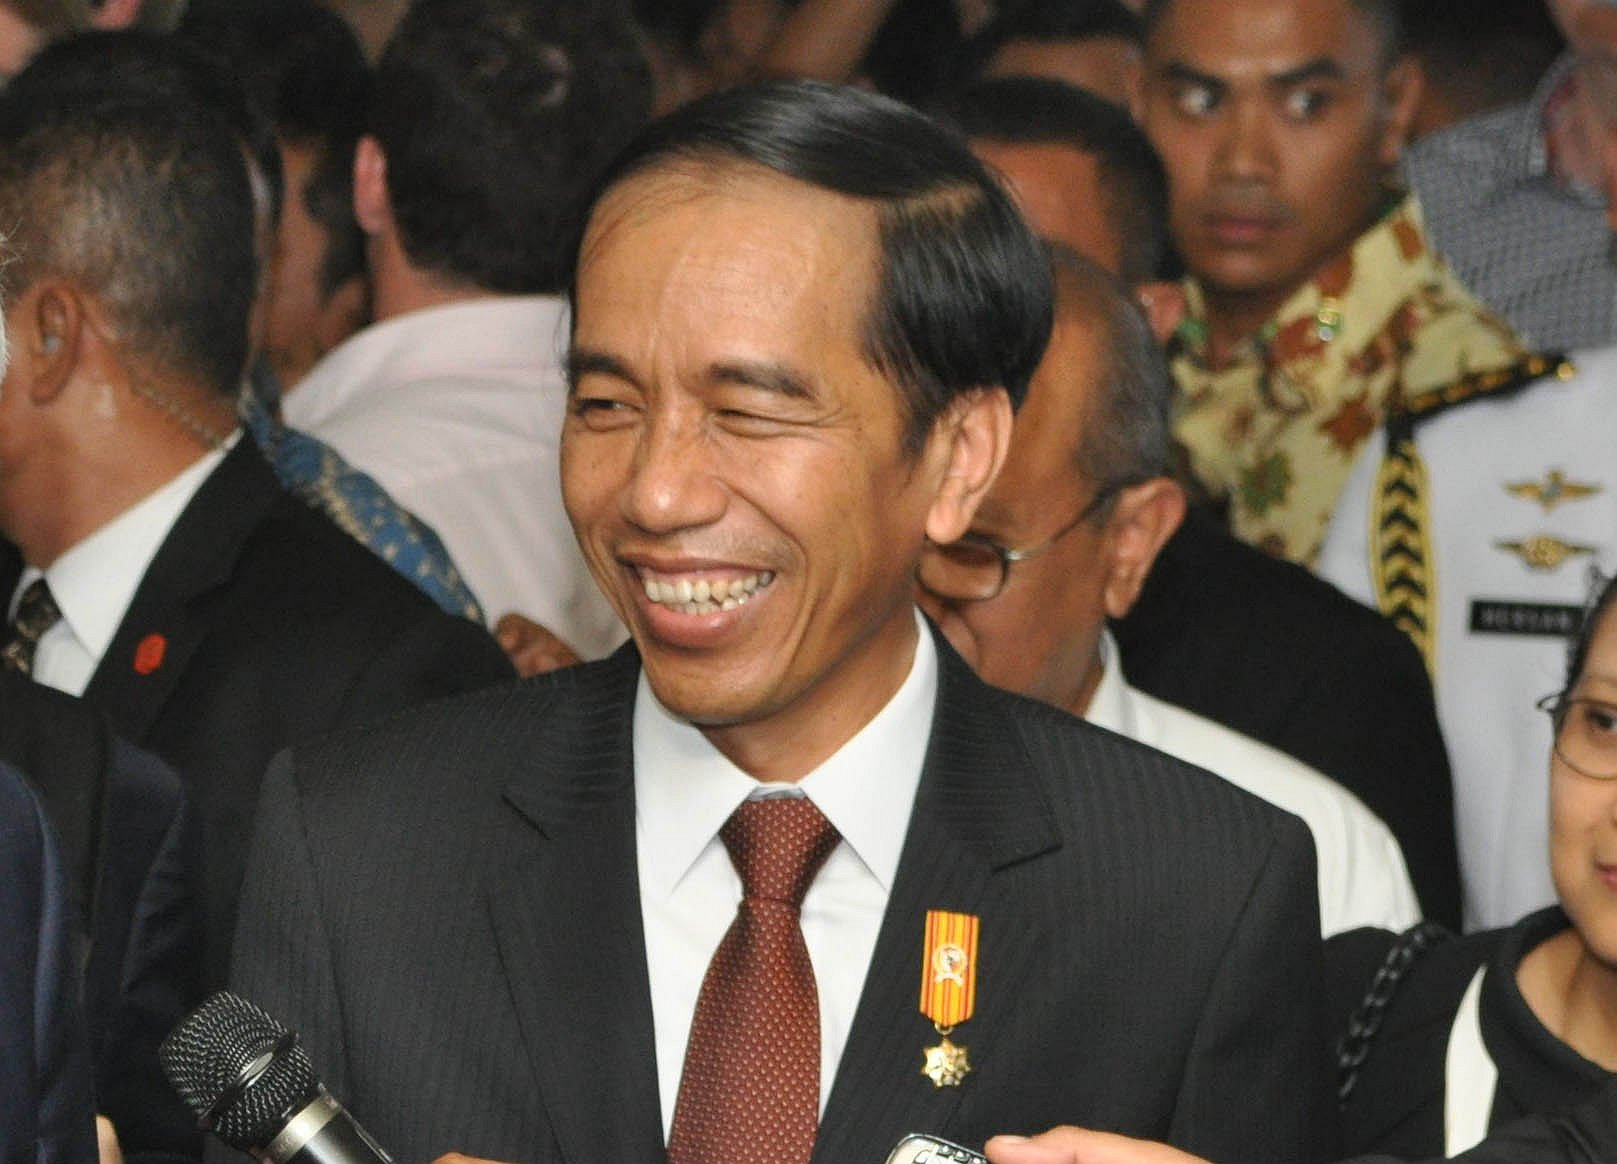 COC Nederland: 'Rutte, vraag Indonesische president om bescherming LHBTI's!'